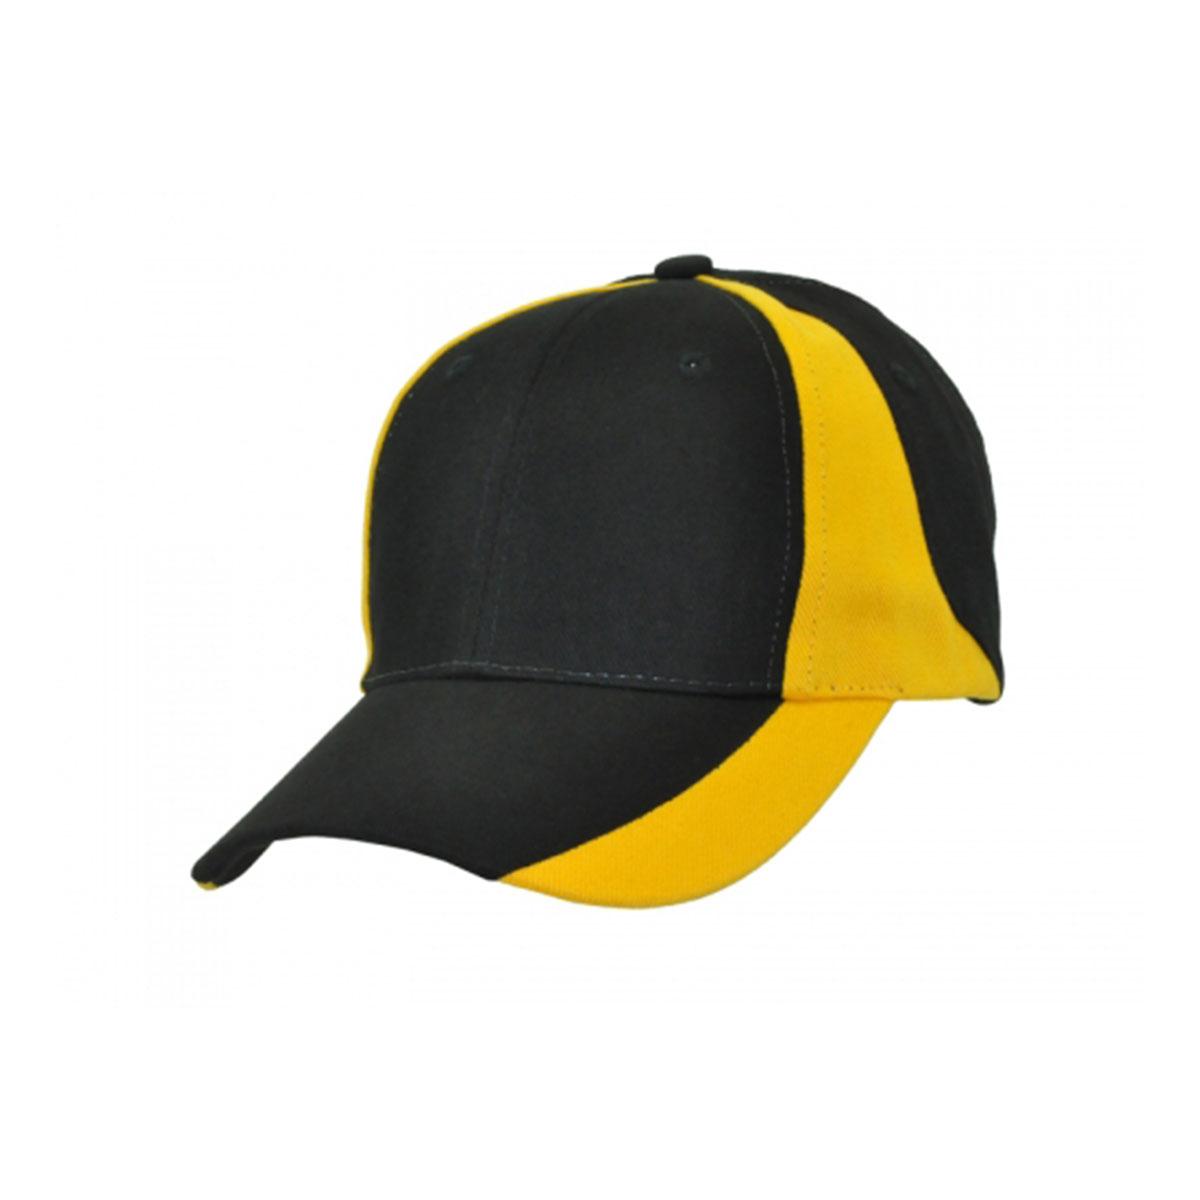 Vertek Cap-Black / Aussie Gold